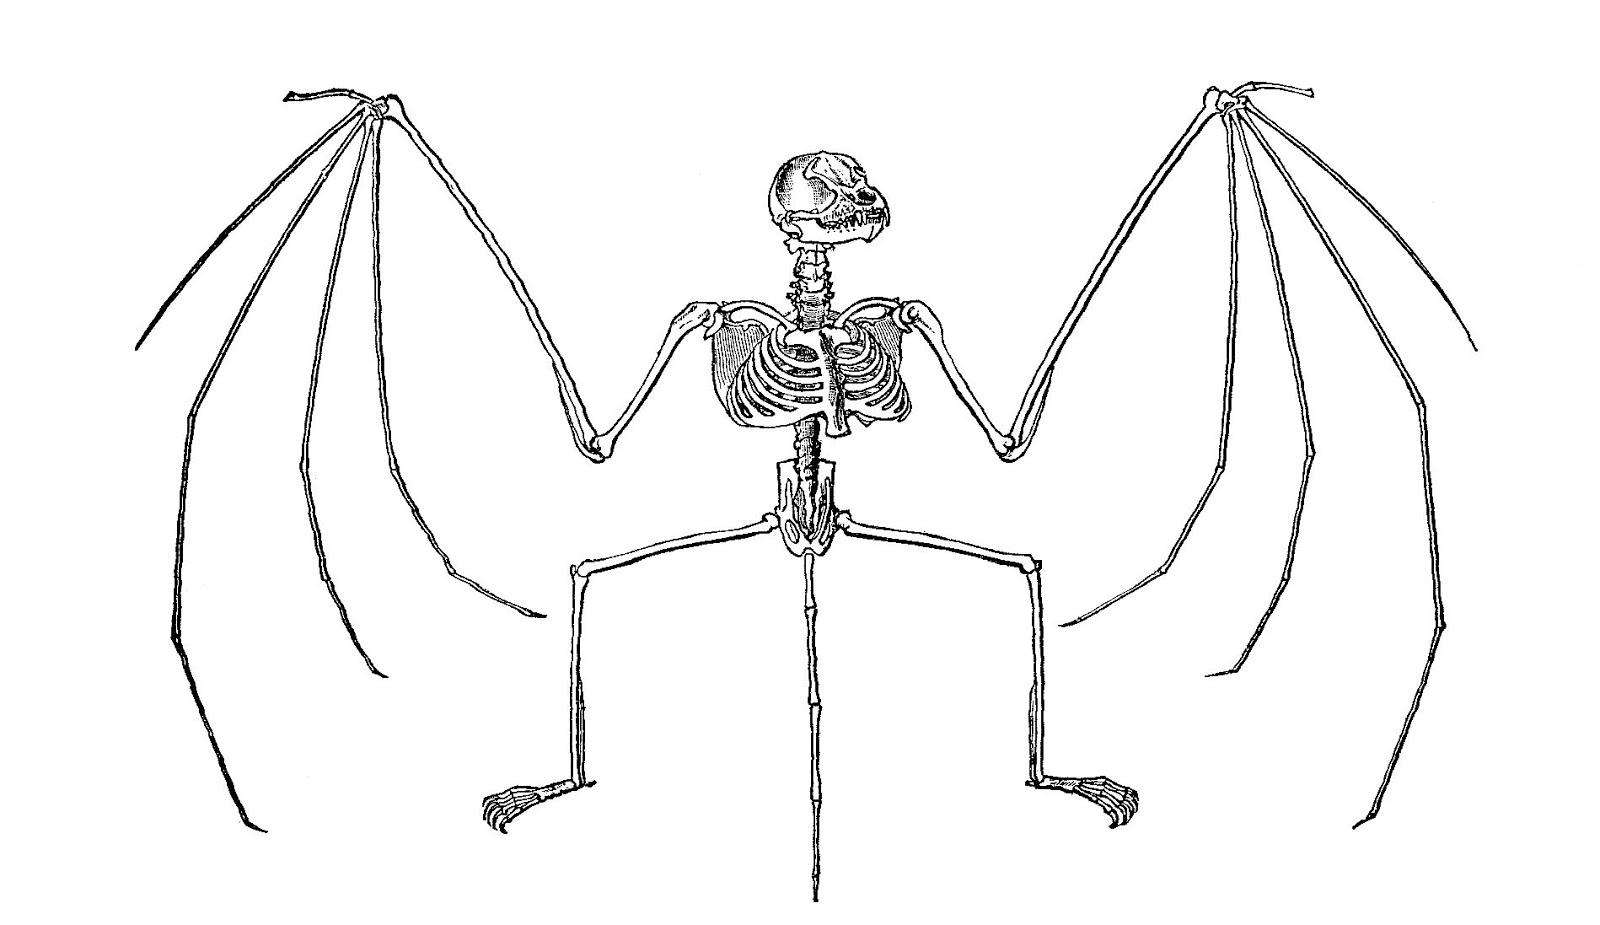 antique images free halloween clip art bat skeleton. Black Bedroom Furniture Sets. Home Design Ideas